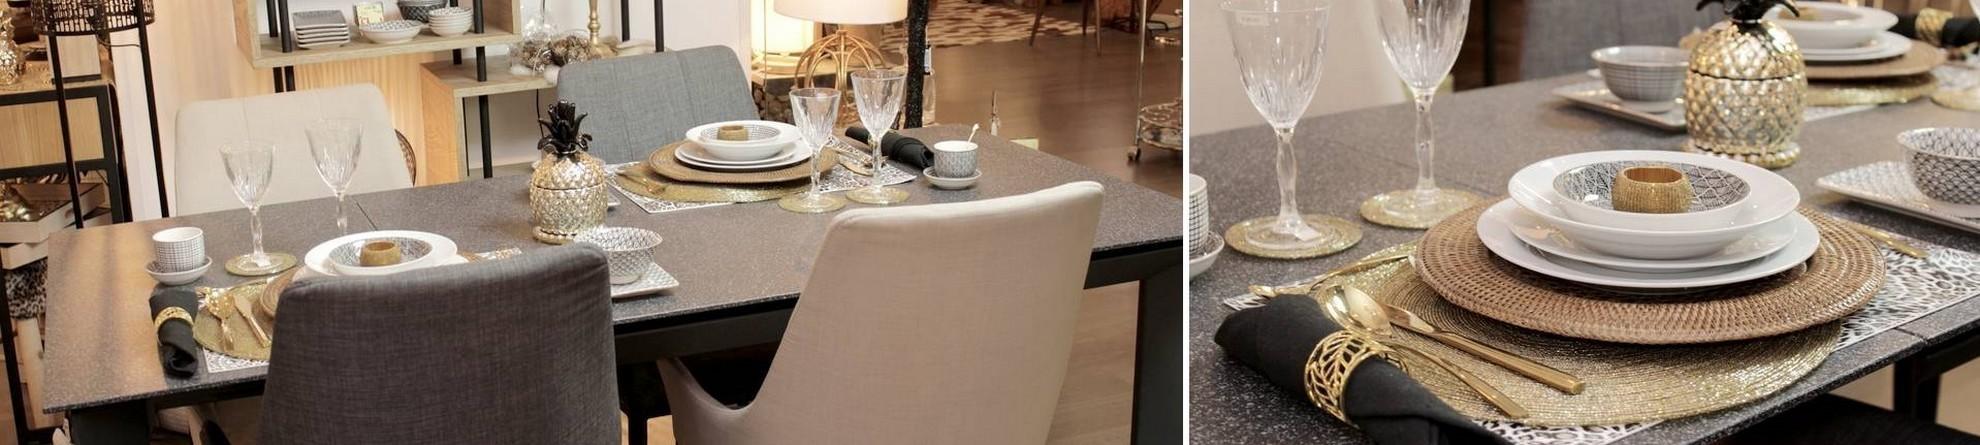 Magasin de décoration d'intérieur et meubles design et modernes